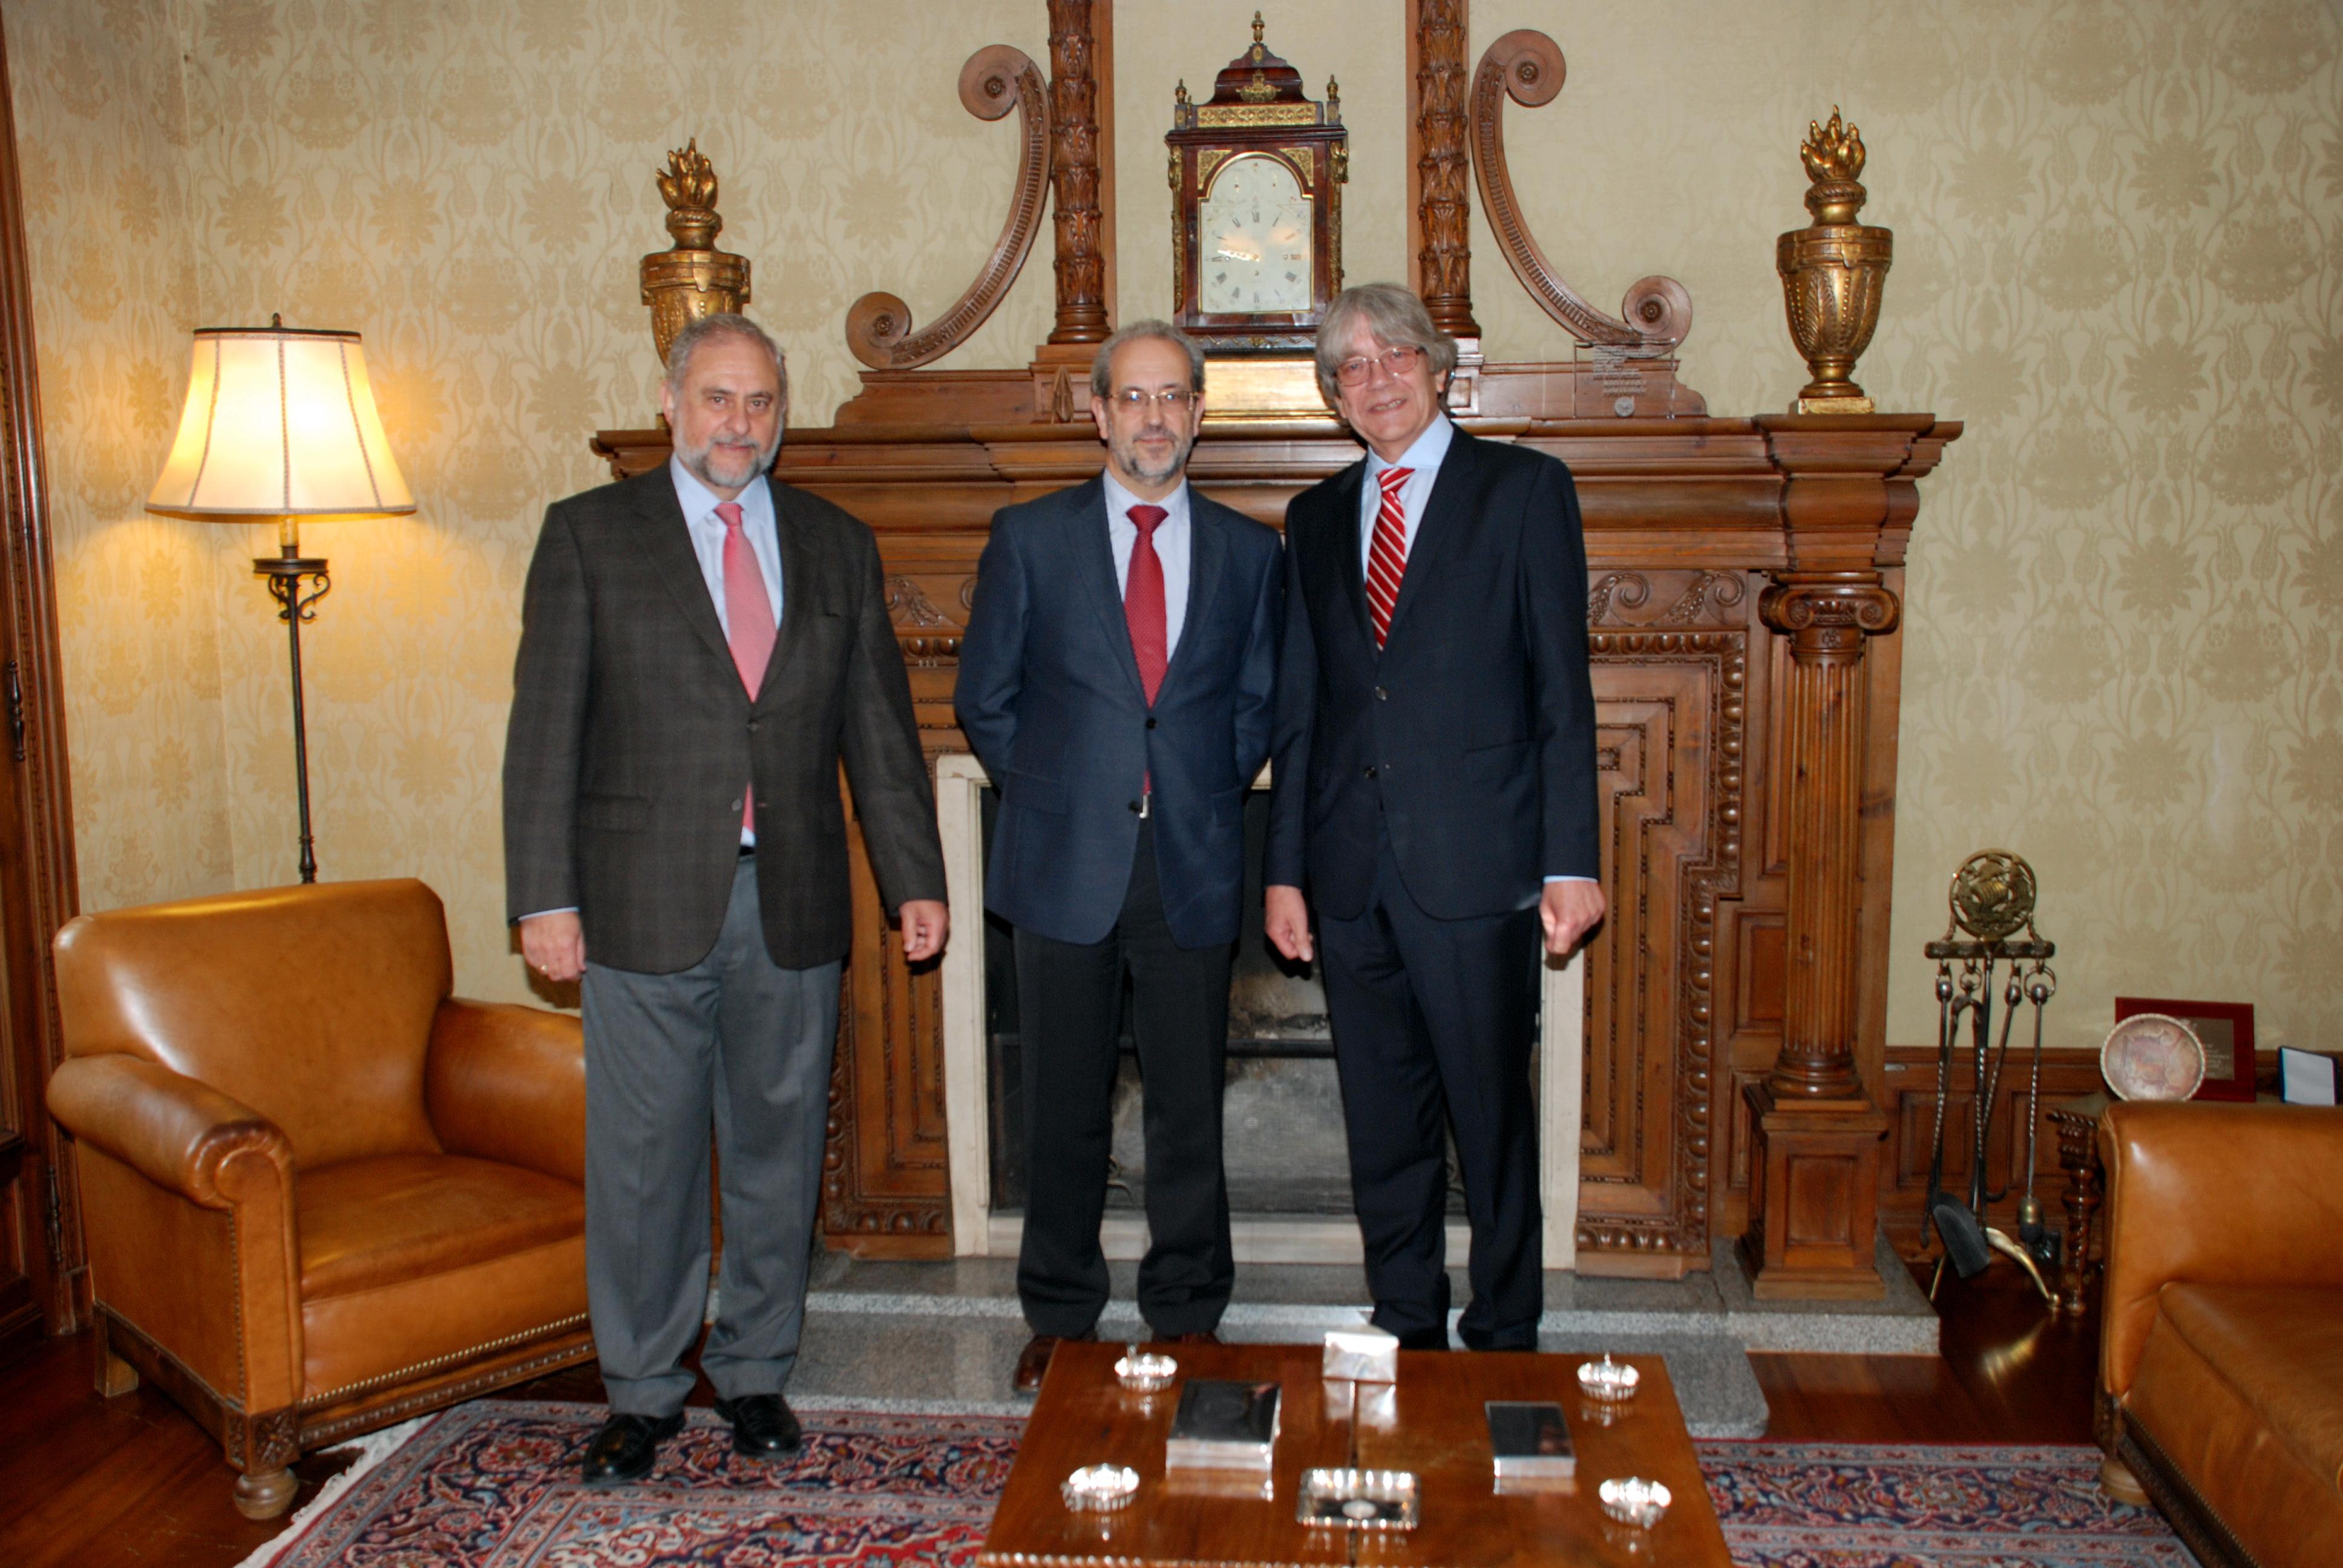 El rector de la Universidad de Salamanca, Daniel Hernández Ruipérez, recibe al embajador de Alemania en España